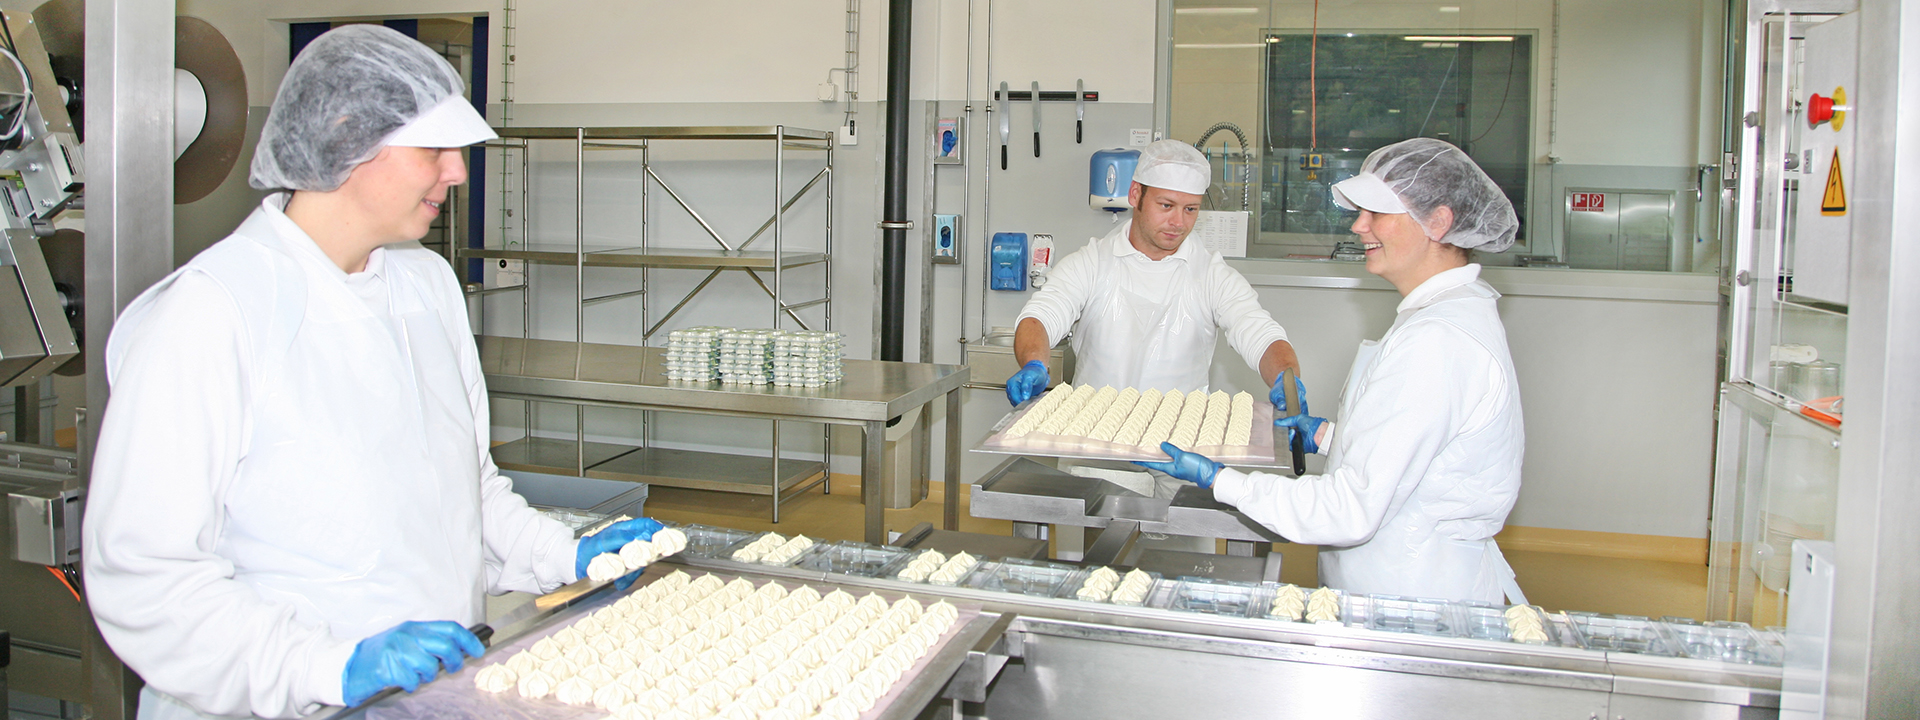 Produktion im Neubau des Standorts von Pacovis